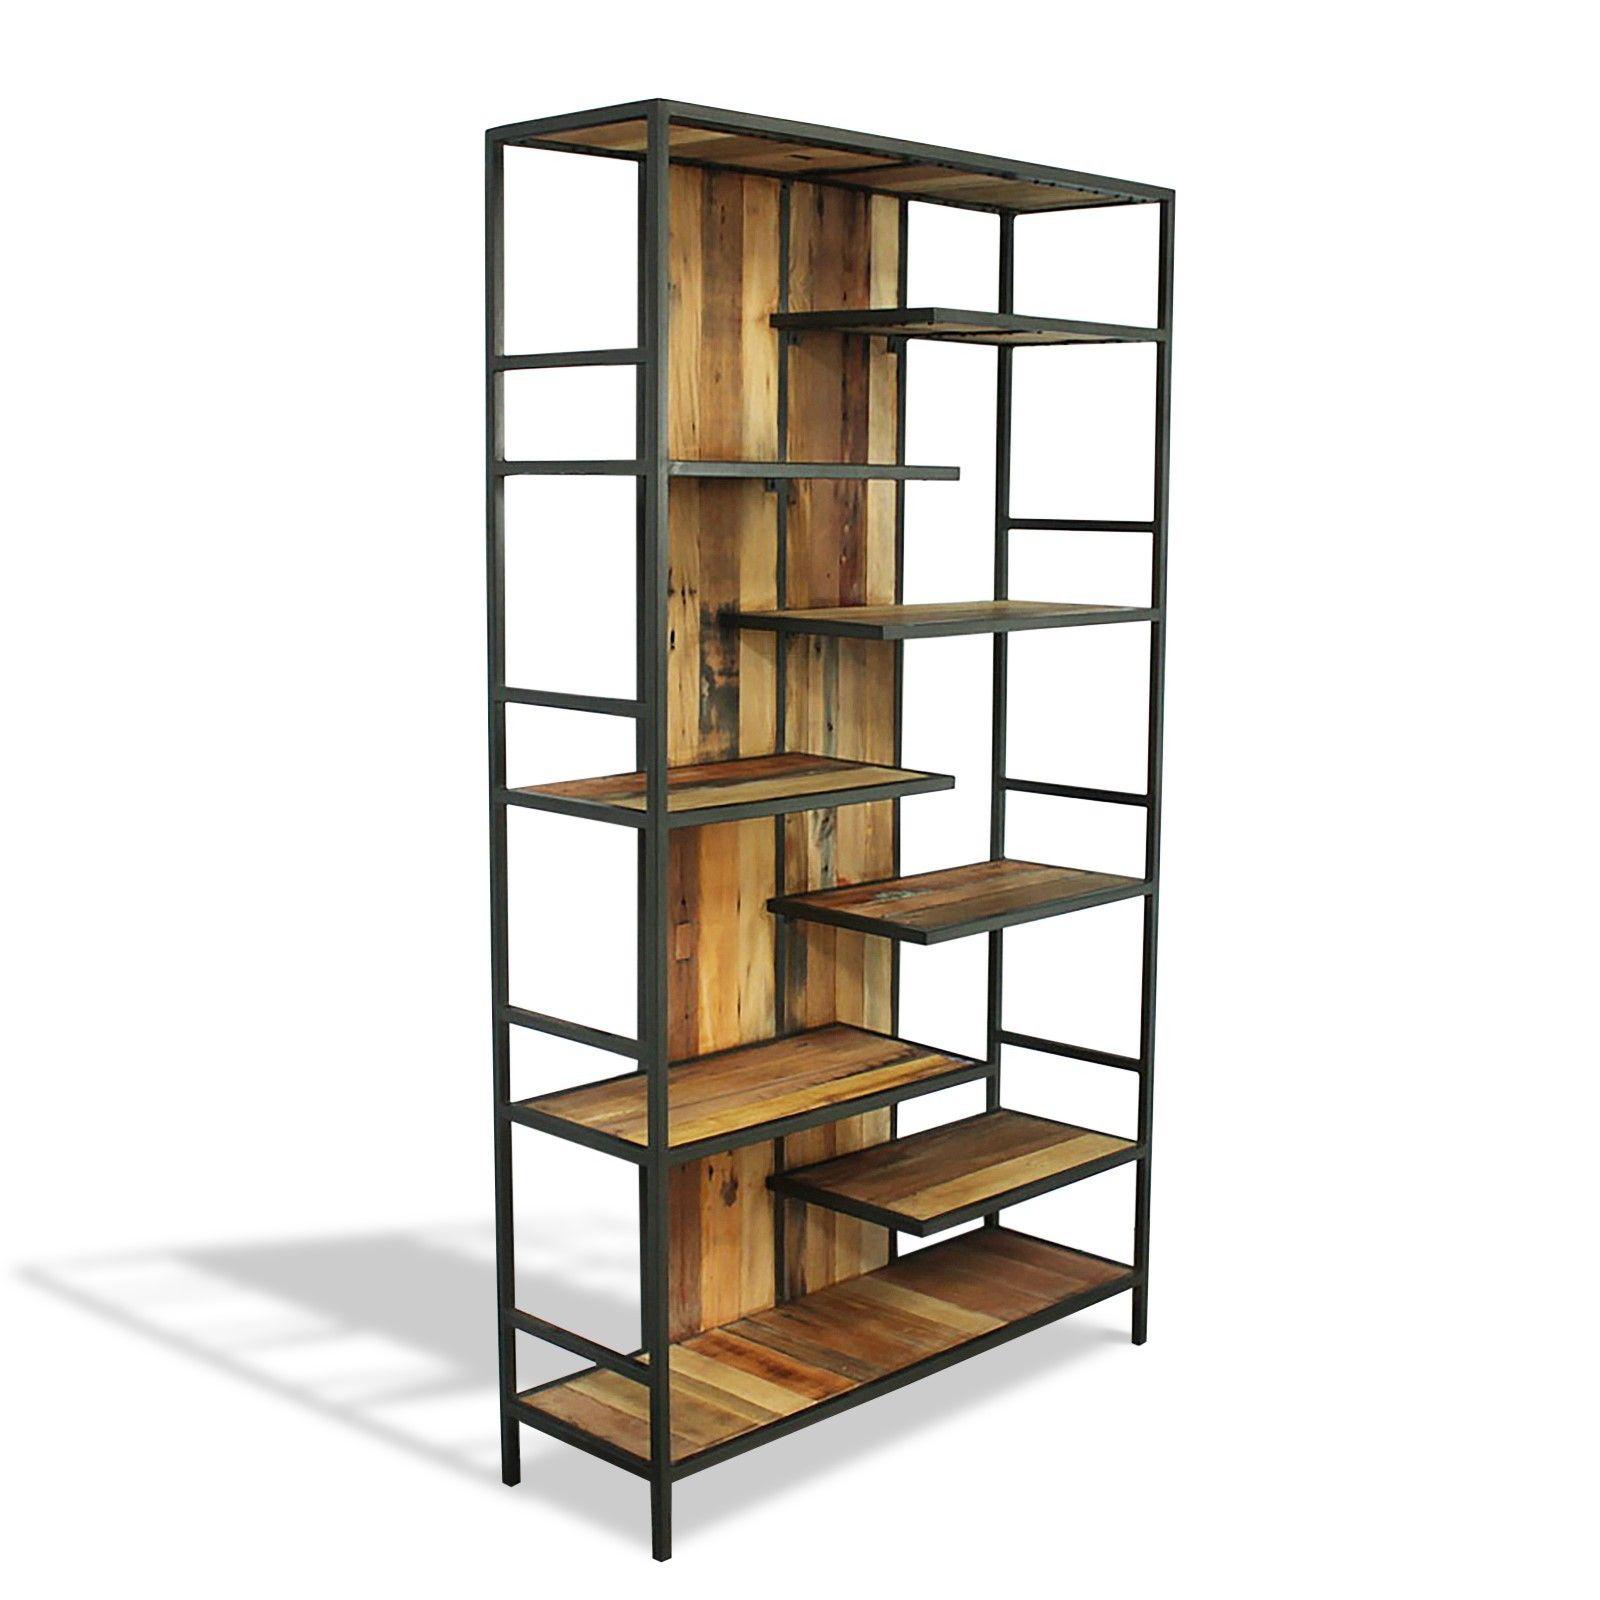 bibliothèque étagère design industriel en bois de bateau